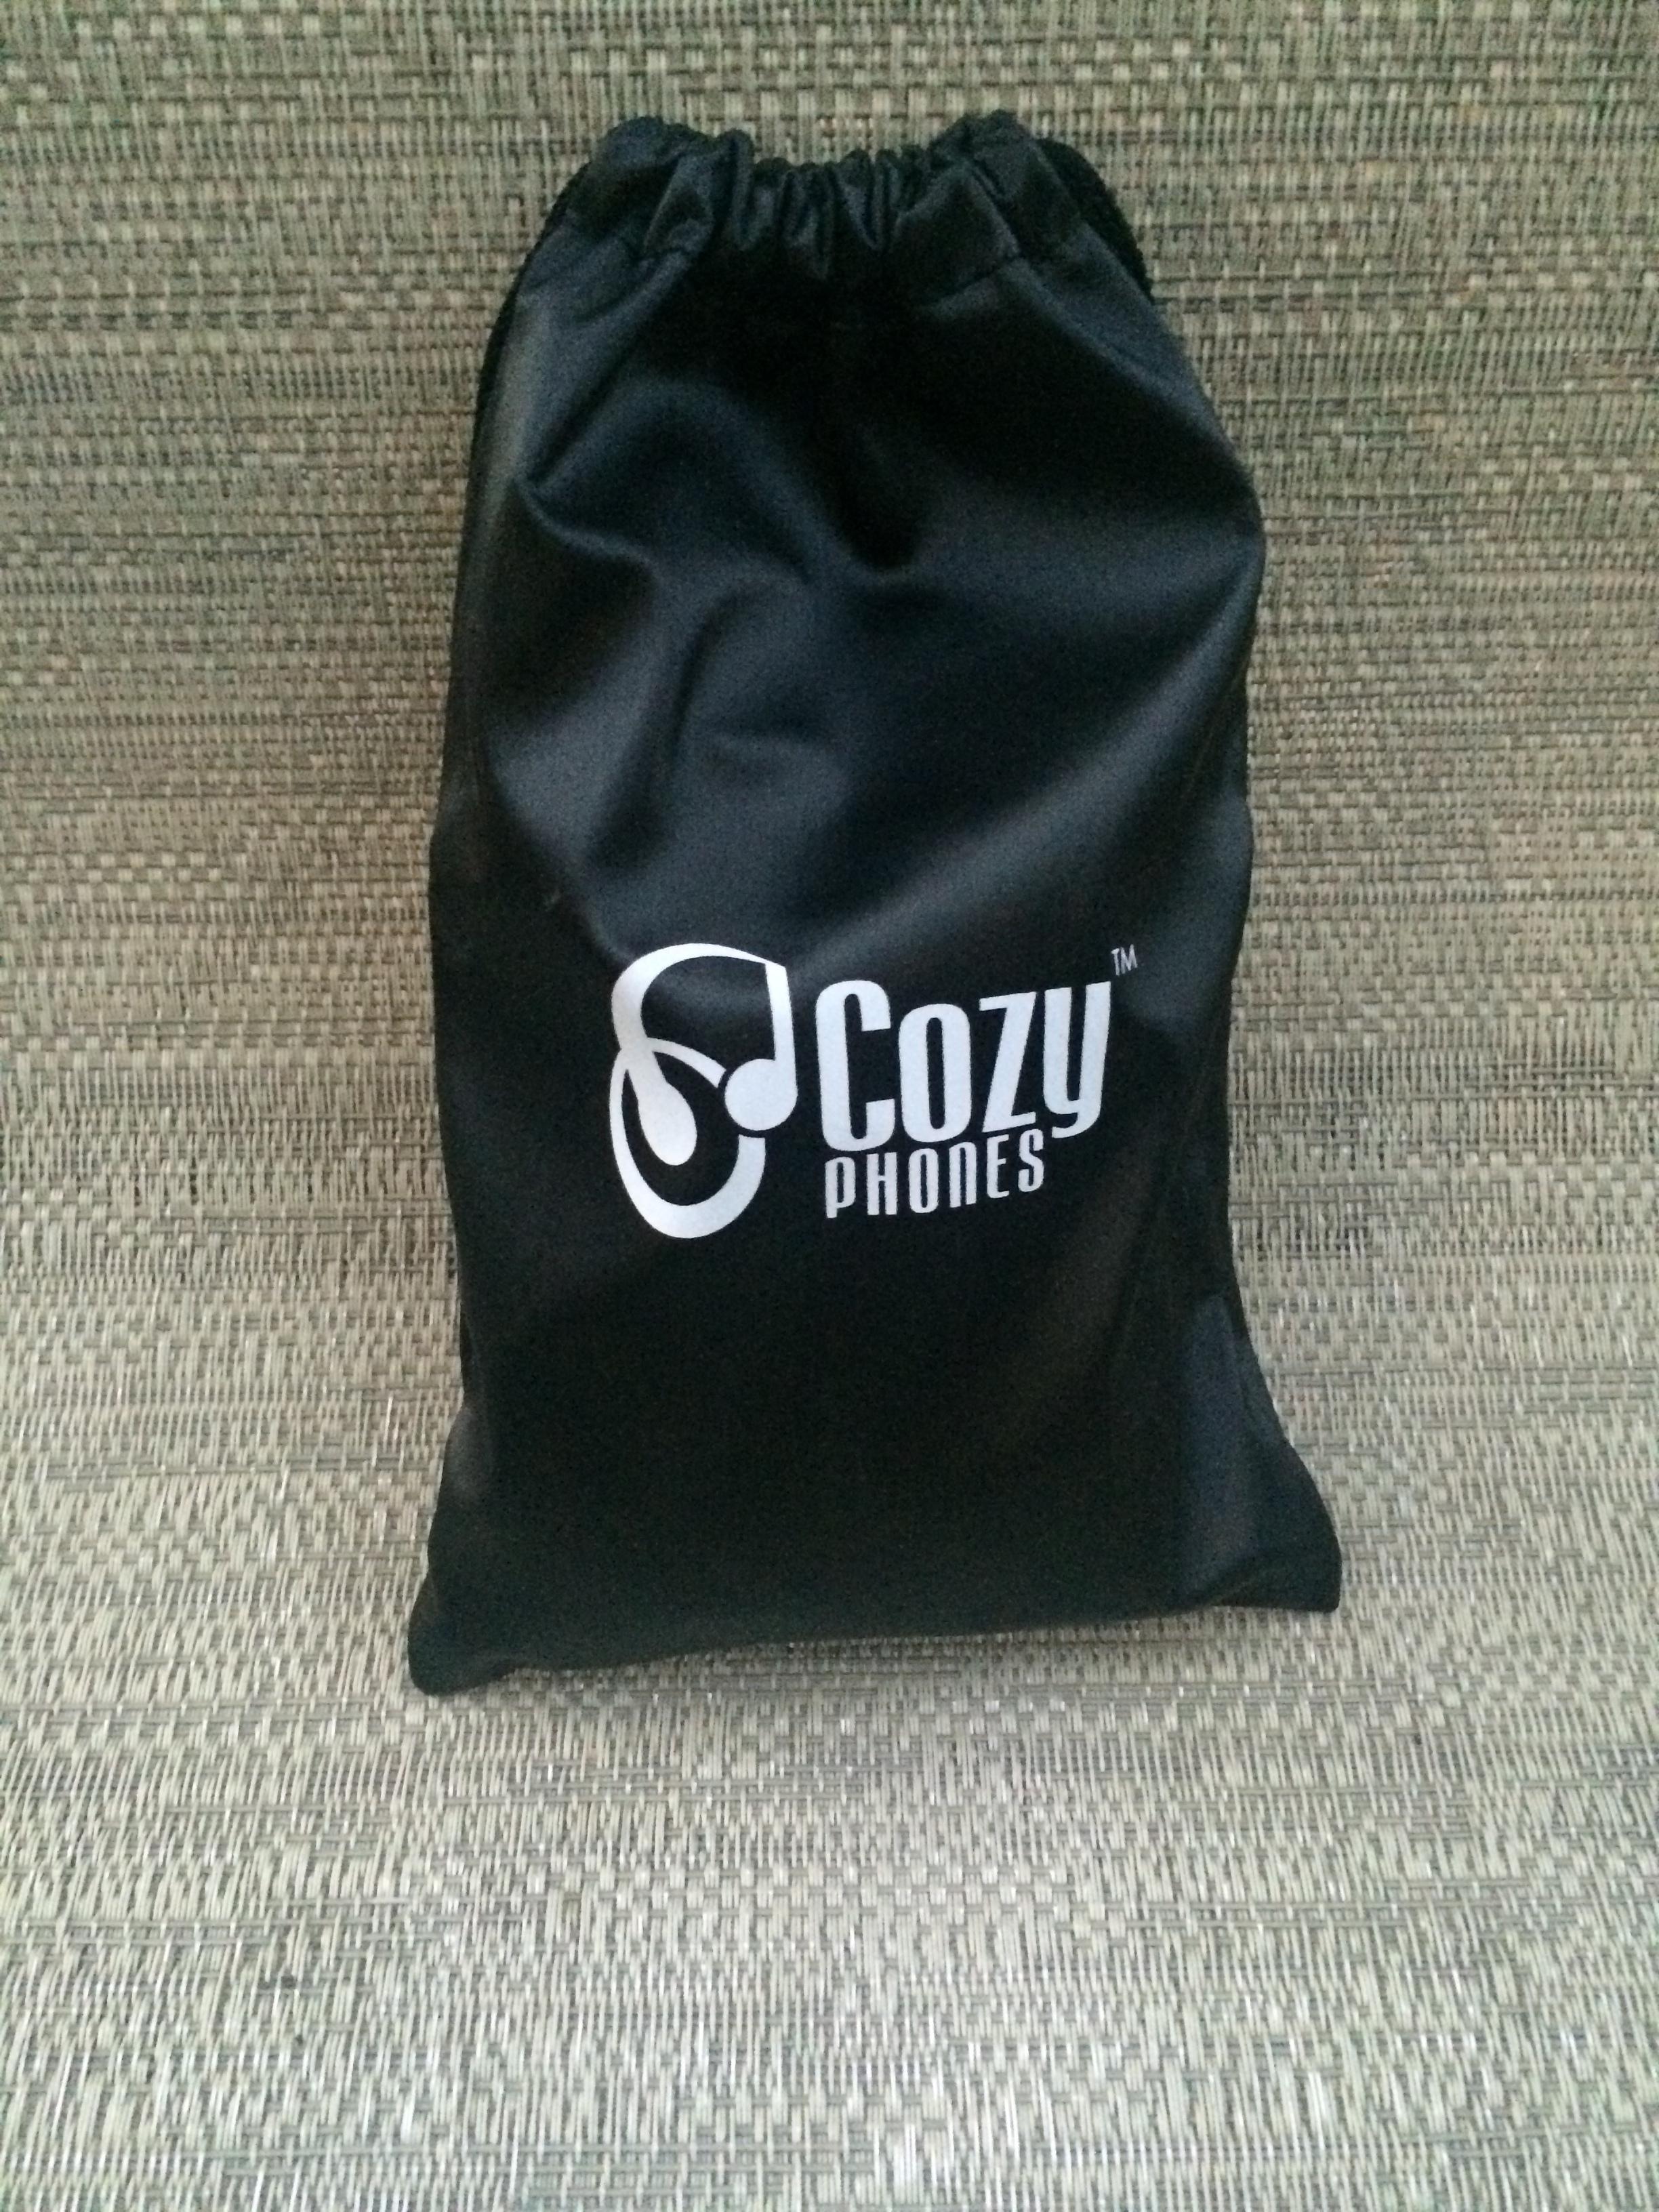 Cozy Phones Review - whatthegirlssay@gmail.com